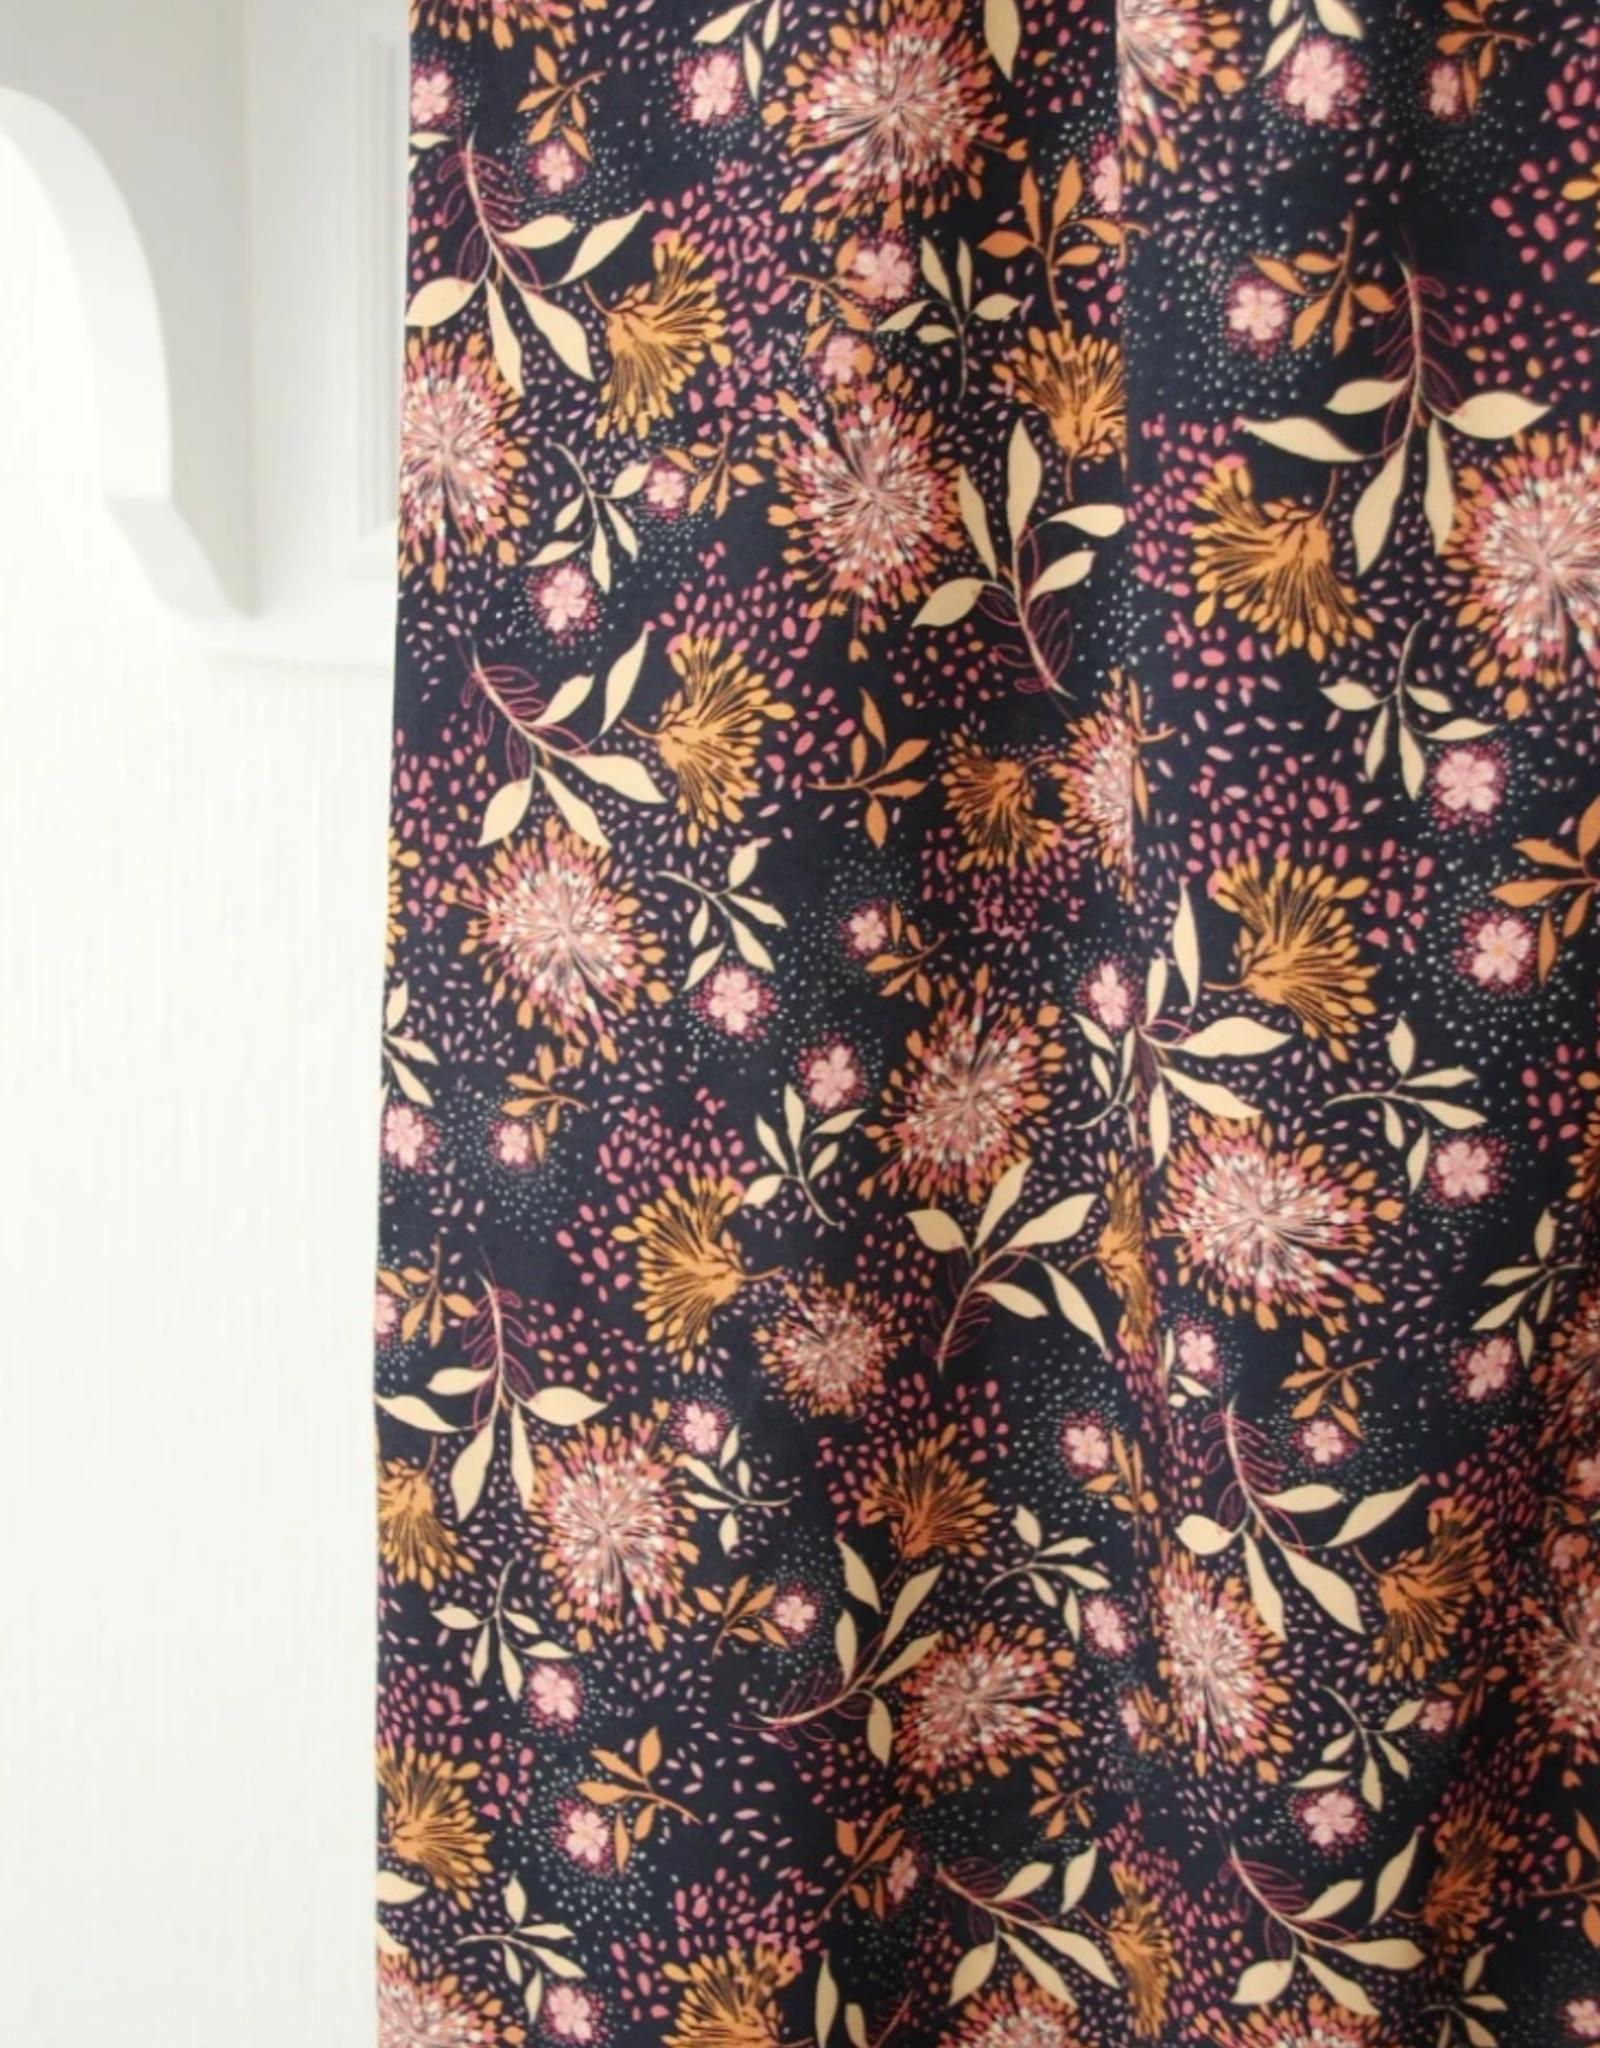 Atelier Jupe Atelier jupe - Navyblauwe viscose met oranje en roze bloemen